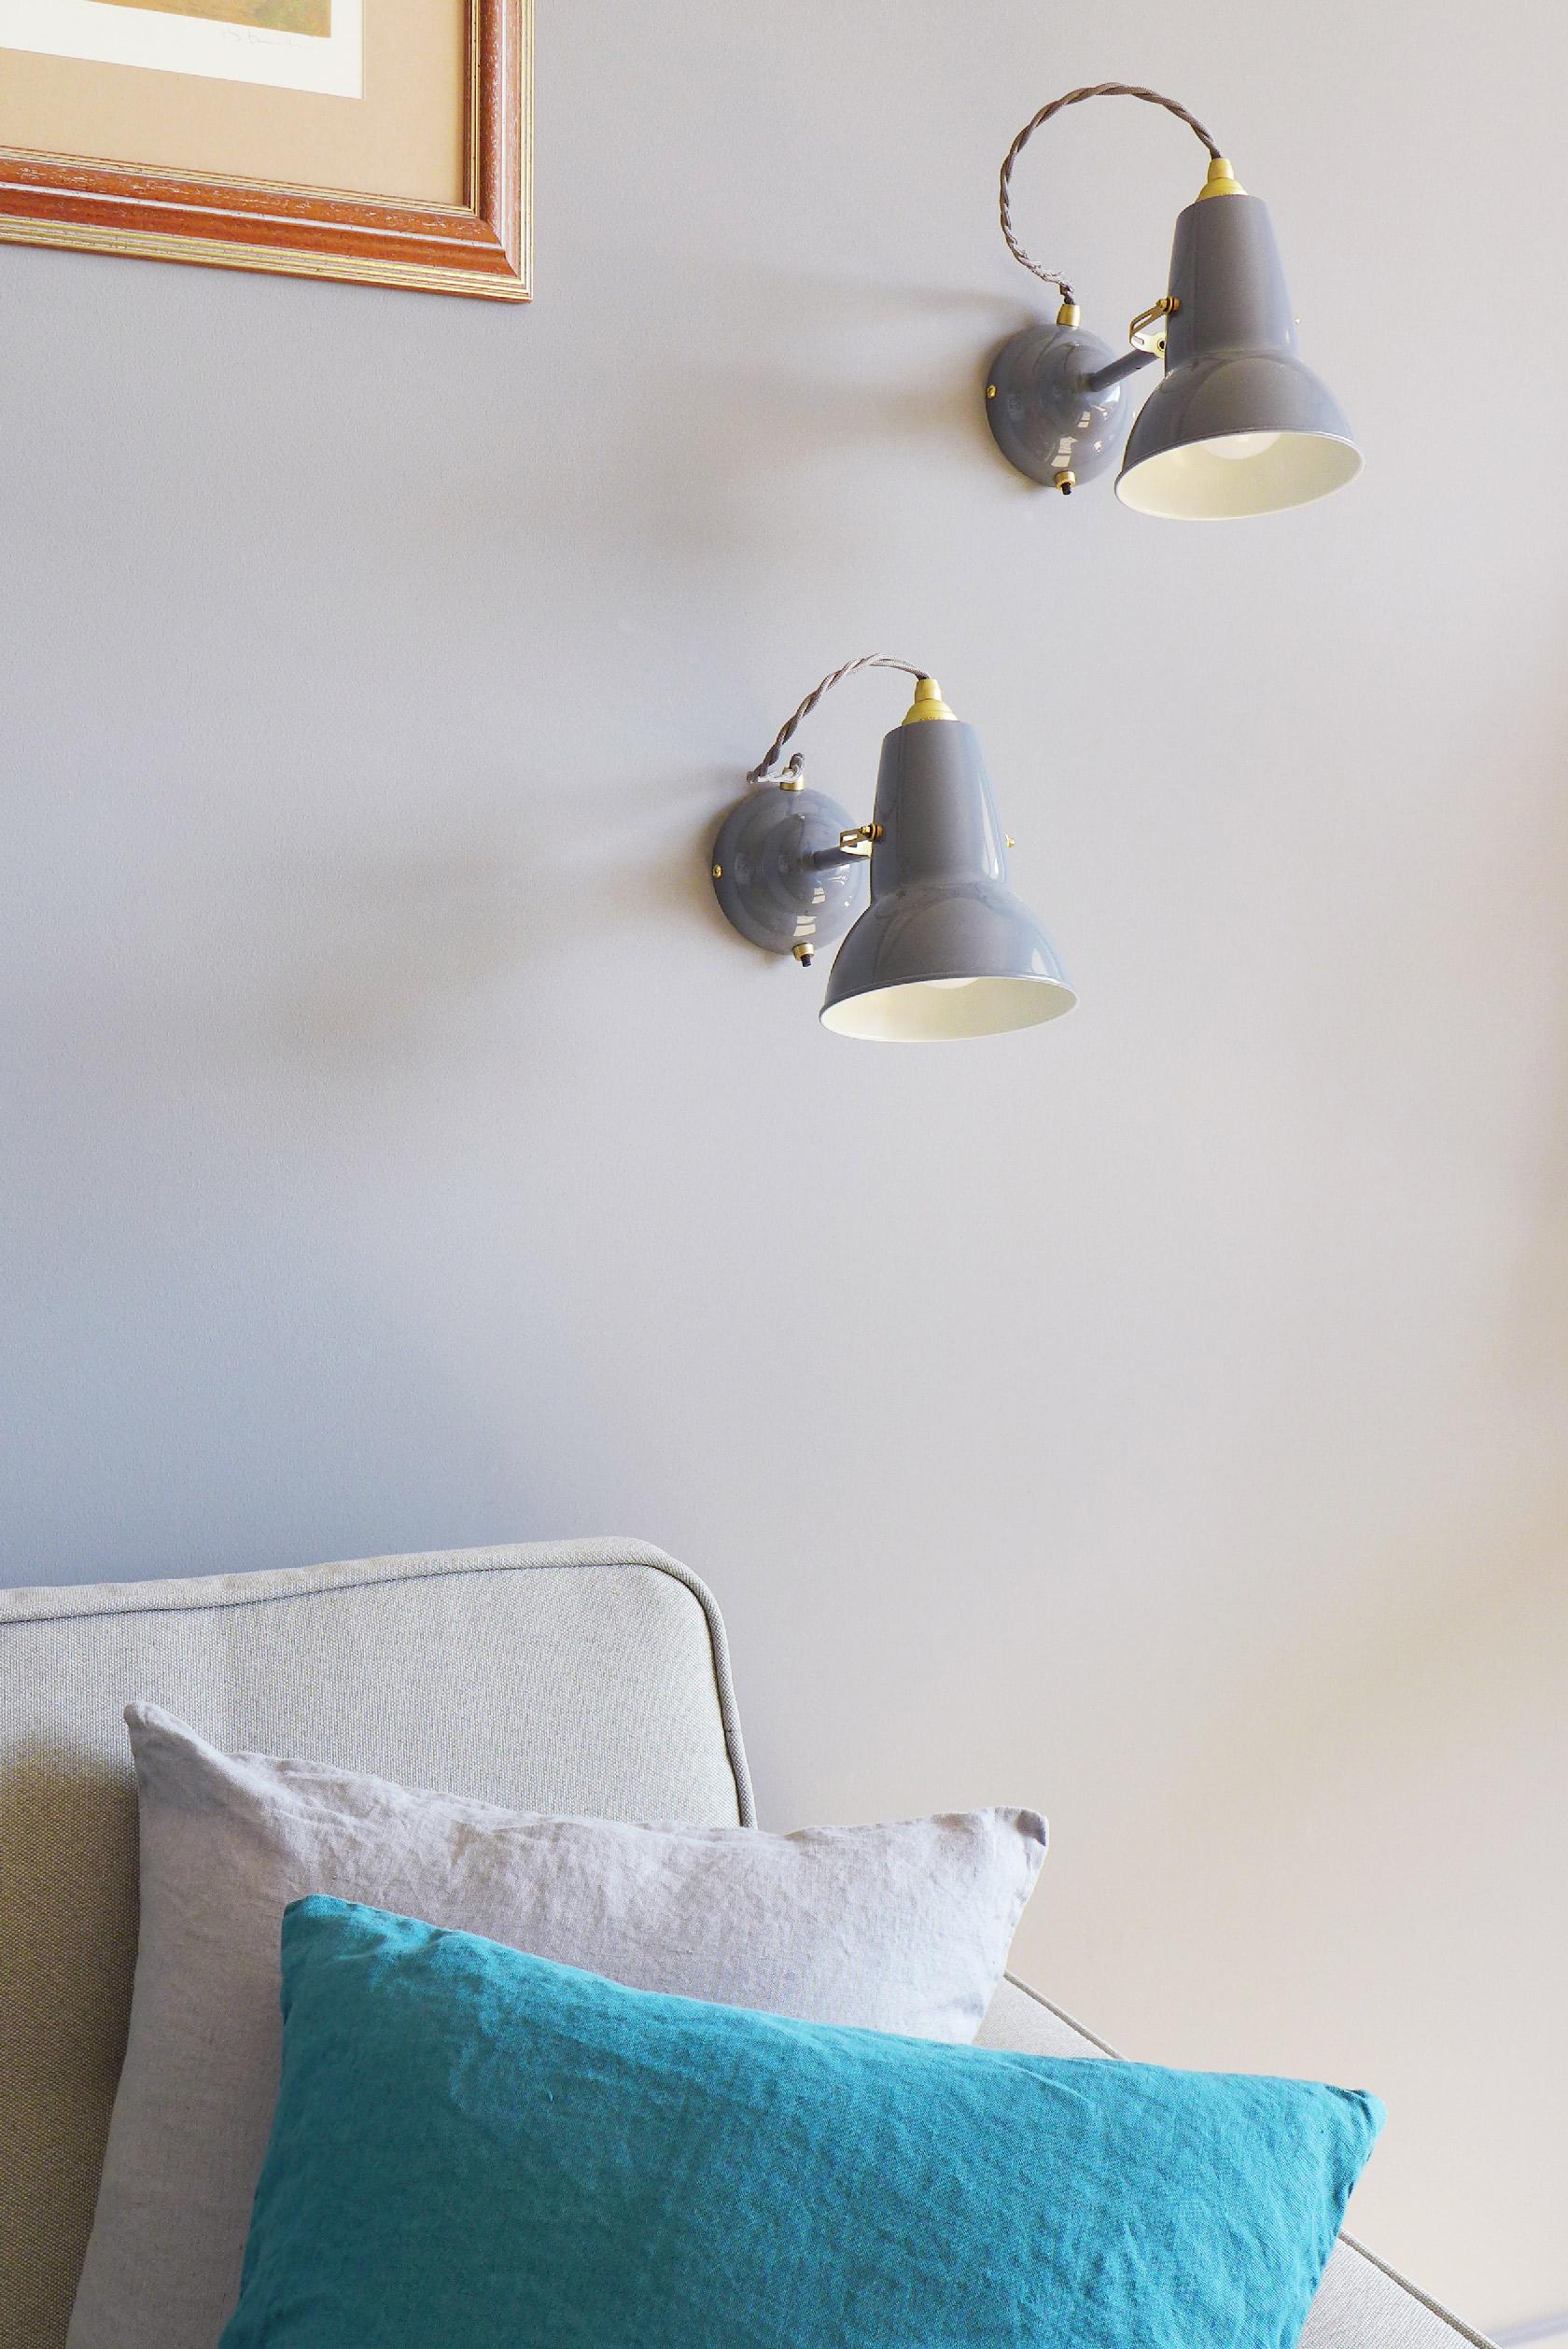 Détail de deux lampes en appliques Anglepoise posées sur un mur gris au-dessus d'un canapé.